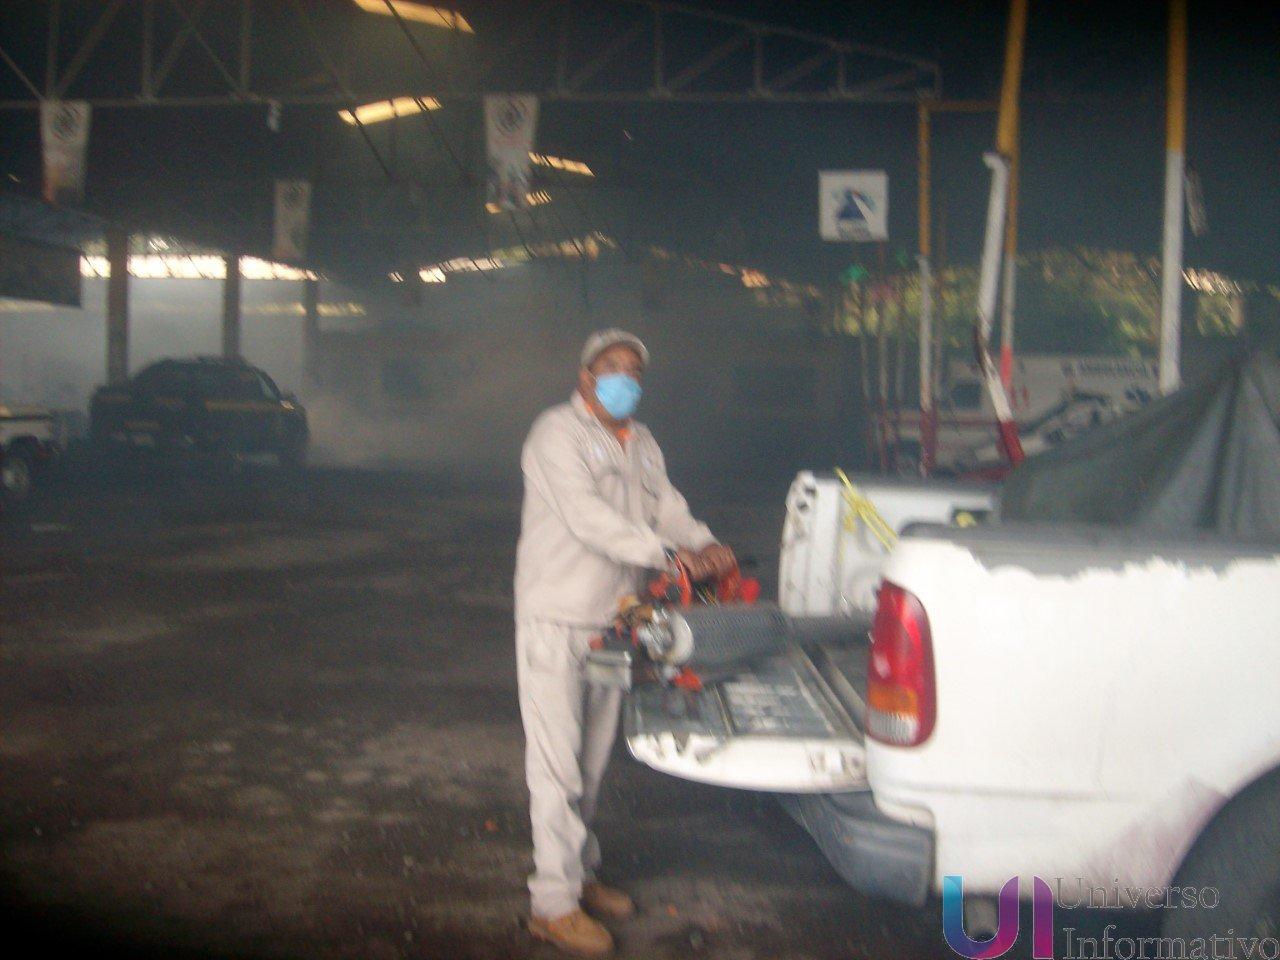 Hubo intensa fumigación contra el dengue en el cuartel de bomberos.